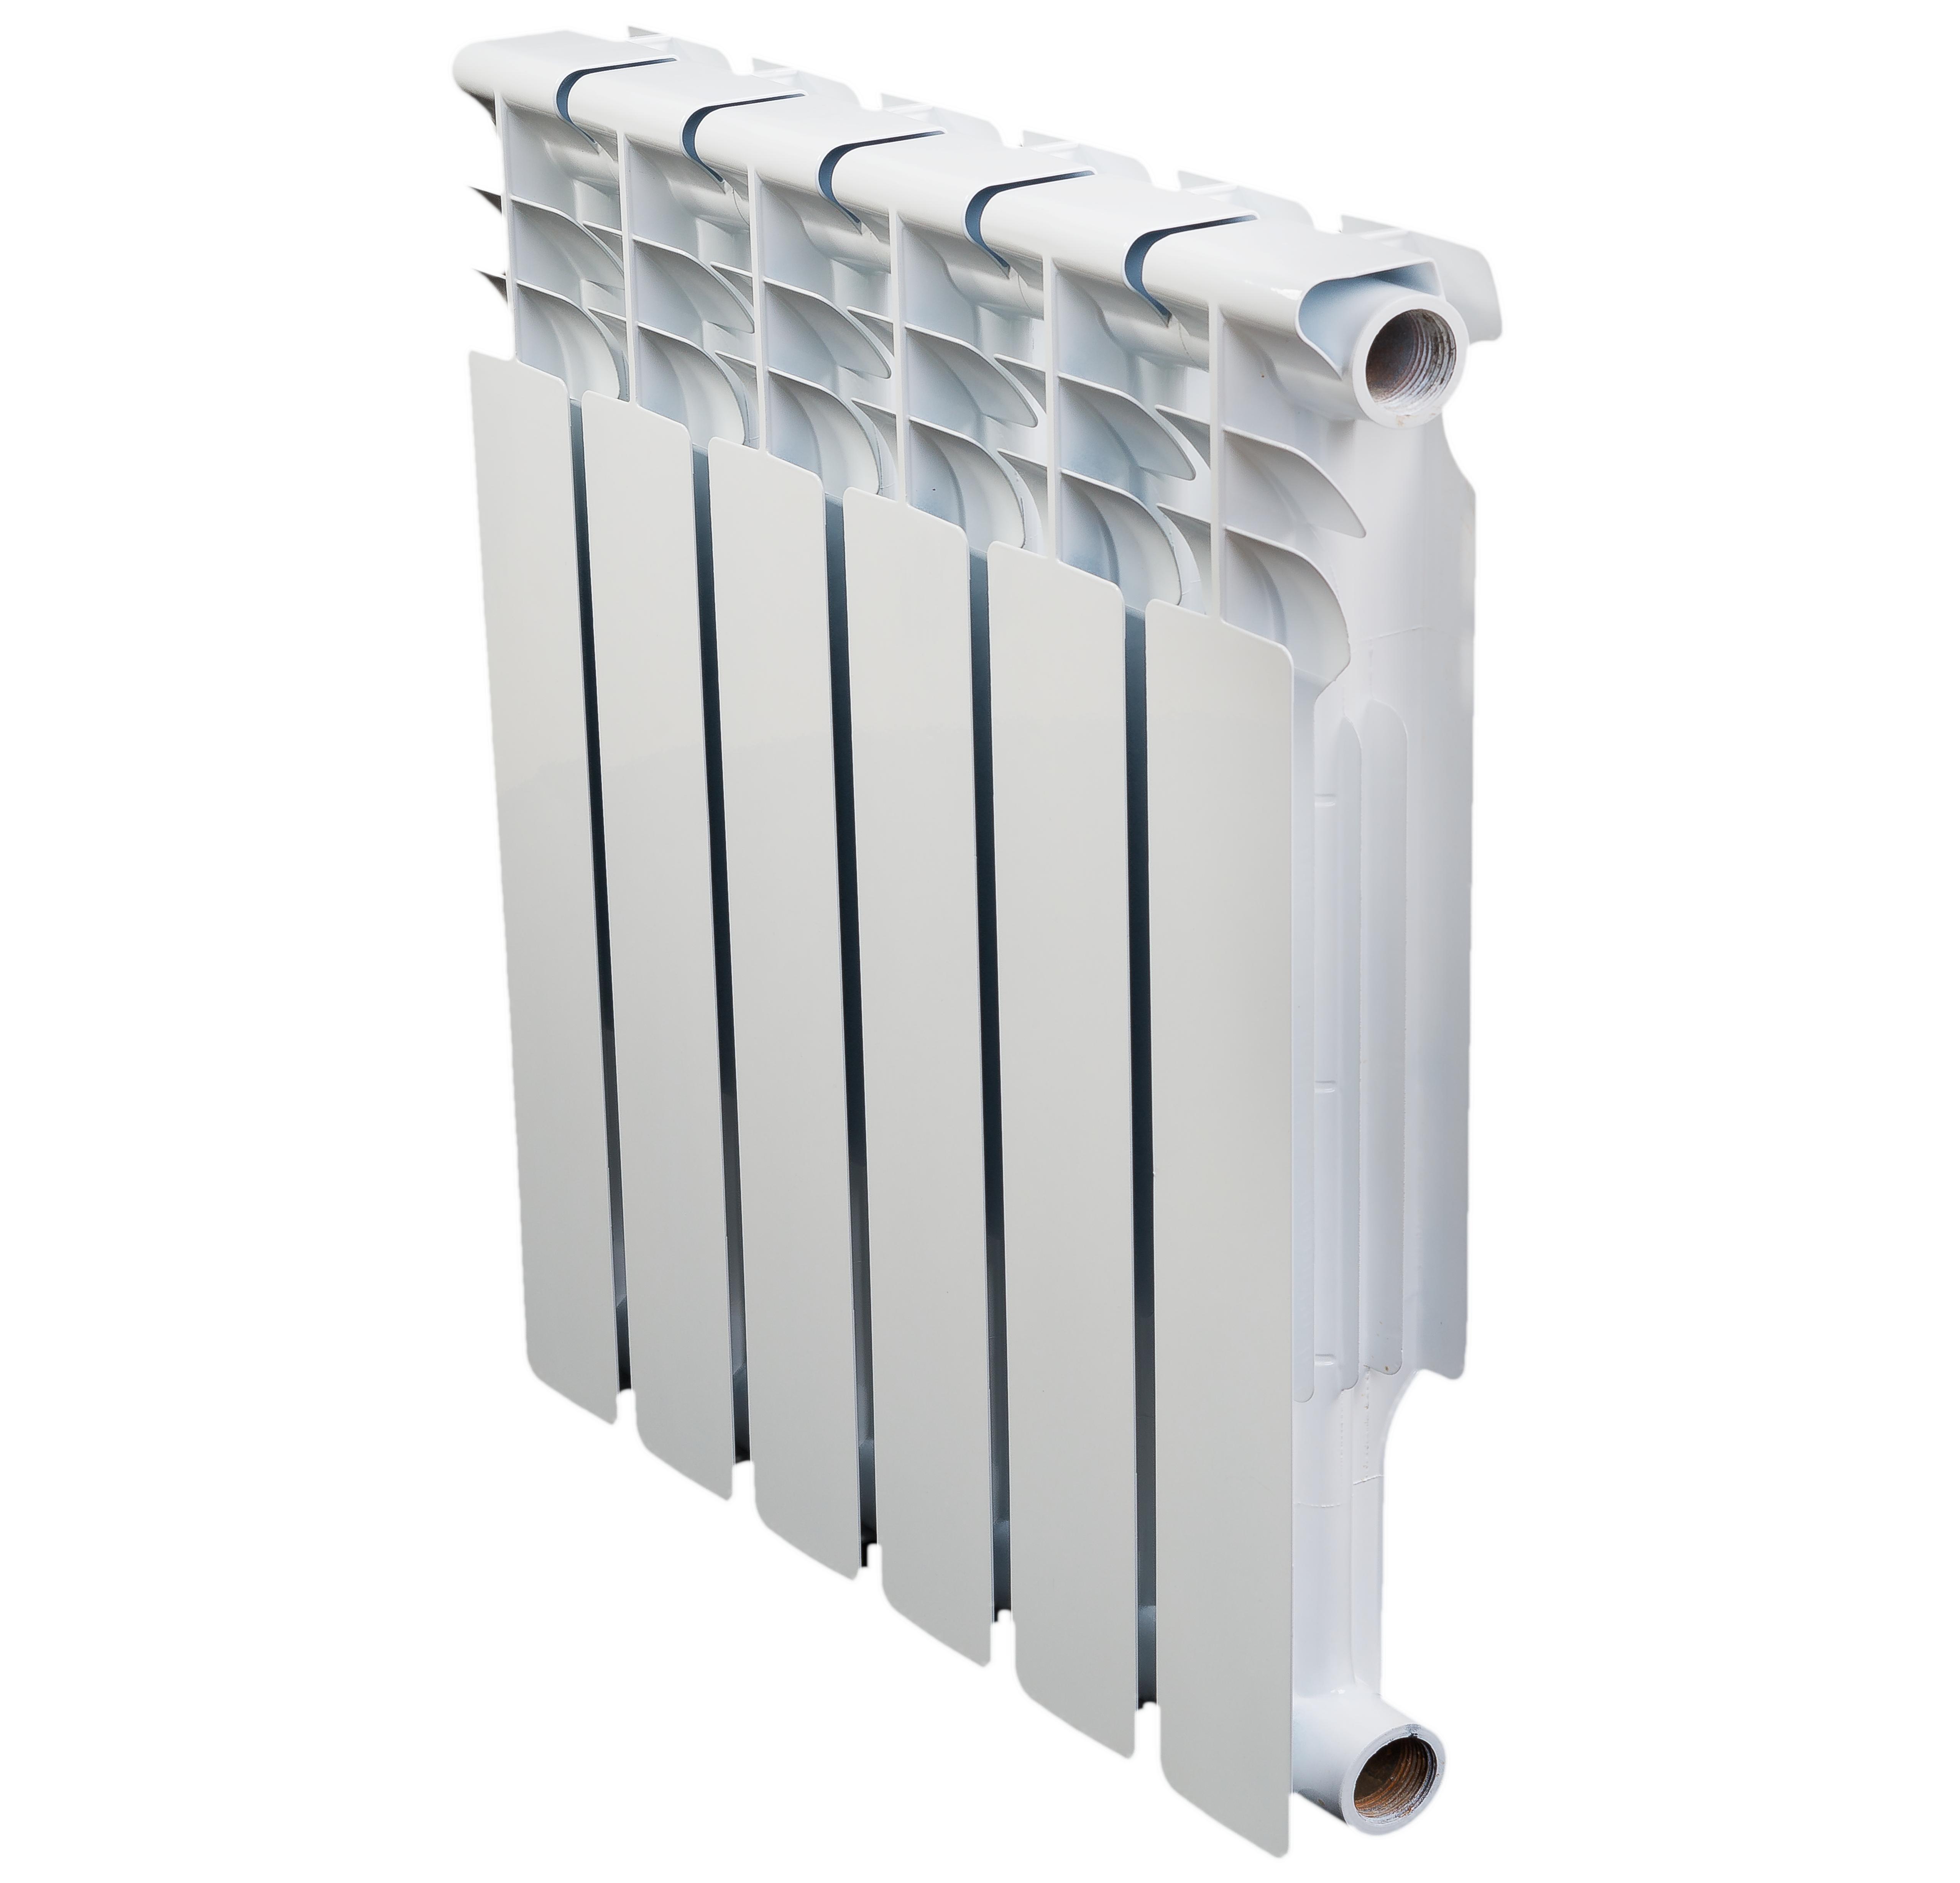 Радиатор биметаллический Алтермо Торино 06 ракурс